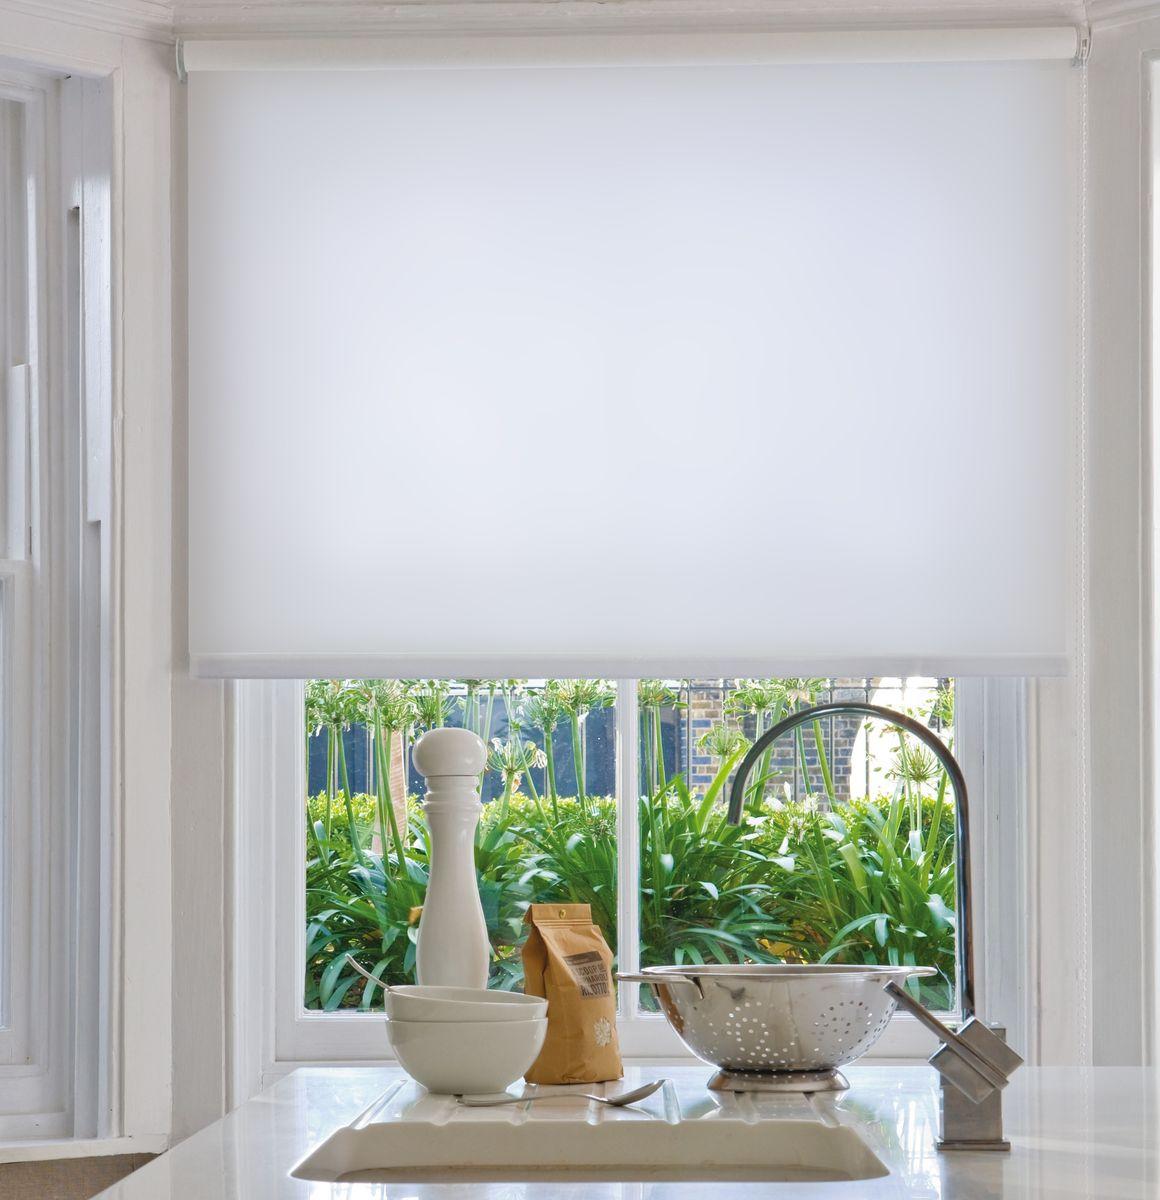 Штора рулонная Эскар Миниролло, цвет: белый, ширина 57 см, высота 170 см31008057170Рулонными шторами можно оформлять окна как самостоятельно, так и использовать в комбинации с портьерами. Это поможет предотвратить выгорание дорогой ткани на солнце и соединит функционал рулонных с красотой навесных. Преимущества применения рулонных штор для пластиковых окон: - имеют прекрасный внешний вид: многообразие и фактурность материала изделия отлично смотрятся в любом интерьере;- многофункциональны: есть возможность подобрать шторы способные эффективно защитить комнату от солнца, при этом она не будет слишком темной. - Есть возможность осуществить быстрый монтаж.ВНИМАНИЕ! Размеры ширины изделия указаны по ширине ткани! Во время эксплуатации не рекомендуется полностью разматывать рулон, чтобы не оторвать ткань от намоточного вала. В случае загрязнения поверхности ткани, чистку шторы проводят одним из способов, в зависимости от типа загрязнения:легкое поверхностное загрязнение можно удалить при помощи канцелярского ластика;чистка от пыли производится сухим методом при помощи пылесоса с мягкой щеткой-насадкой;для удаления пятна используйте мягкую губку с пенообразующим неагрессивным моющим средством или пятновыводитель на натуральной основе (нельзя применять растворители).